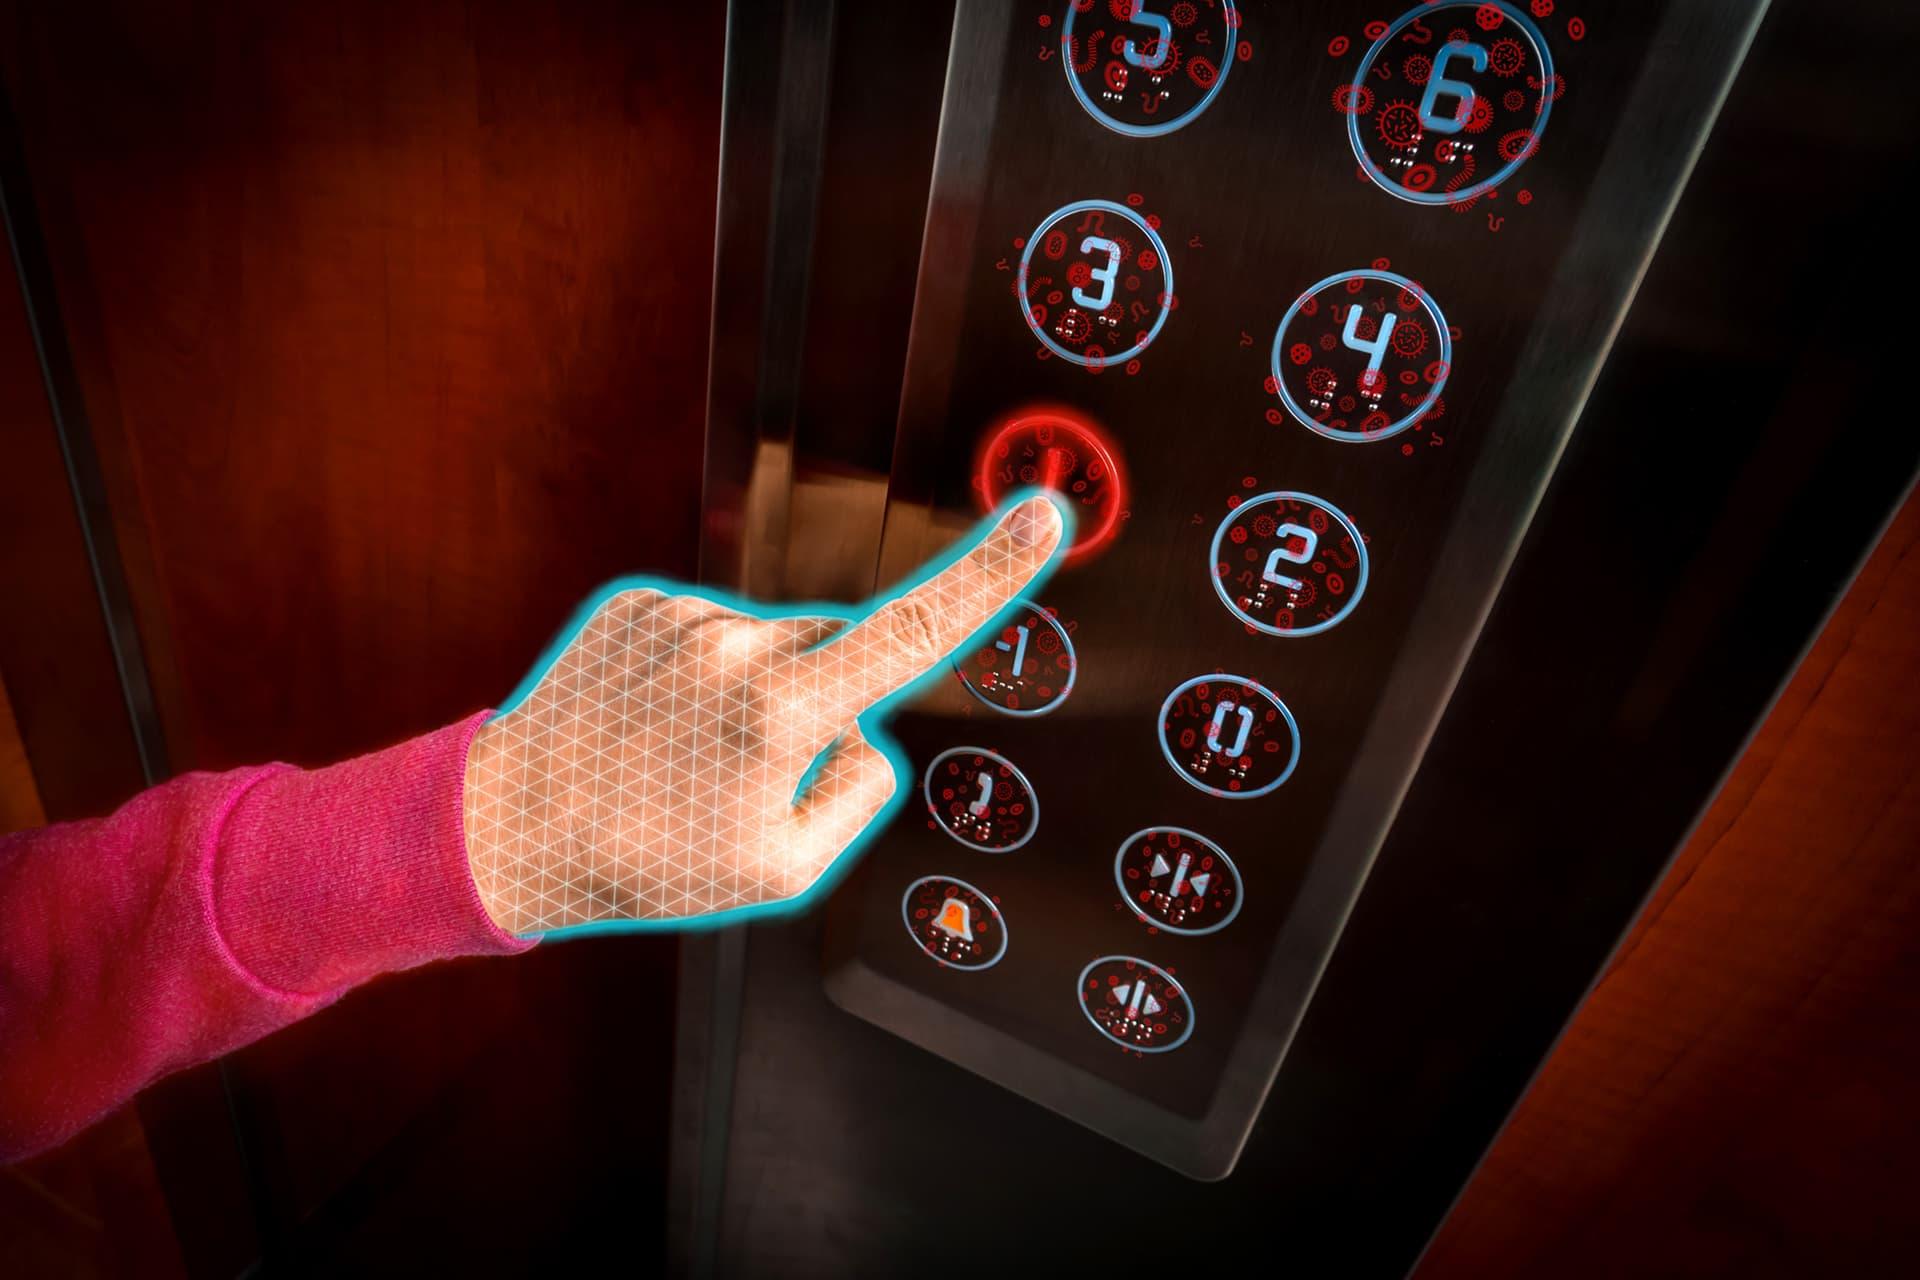 Cystawash Germ Free In Elevator